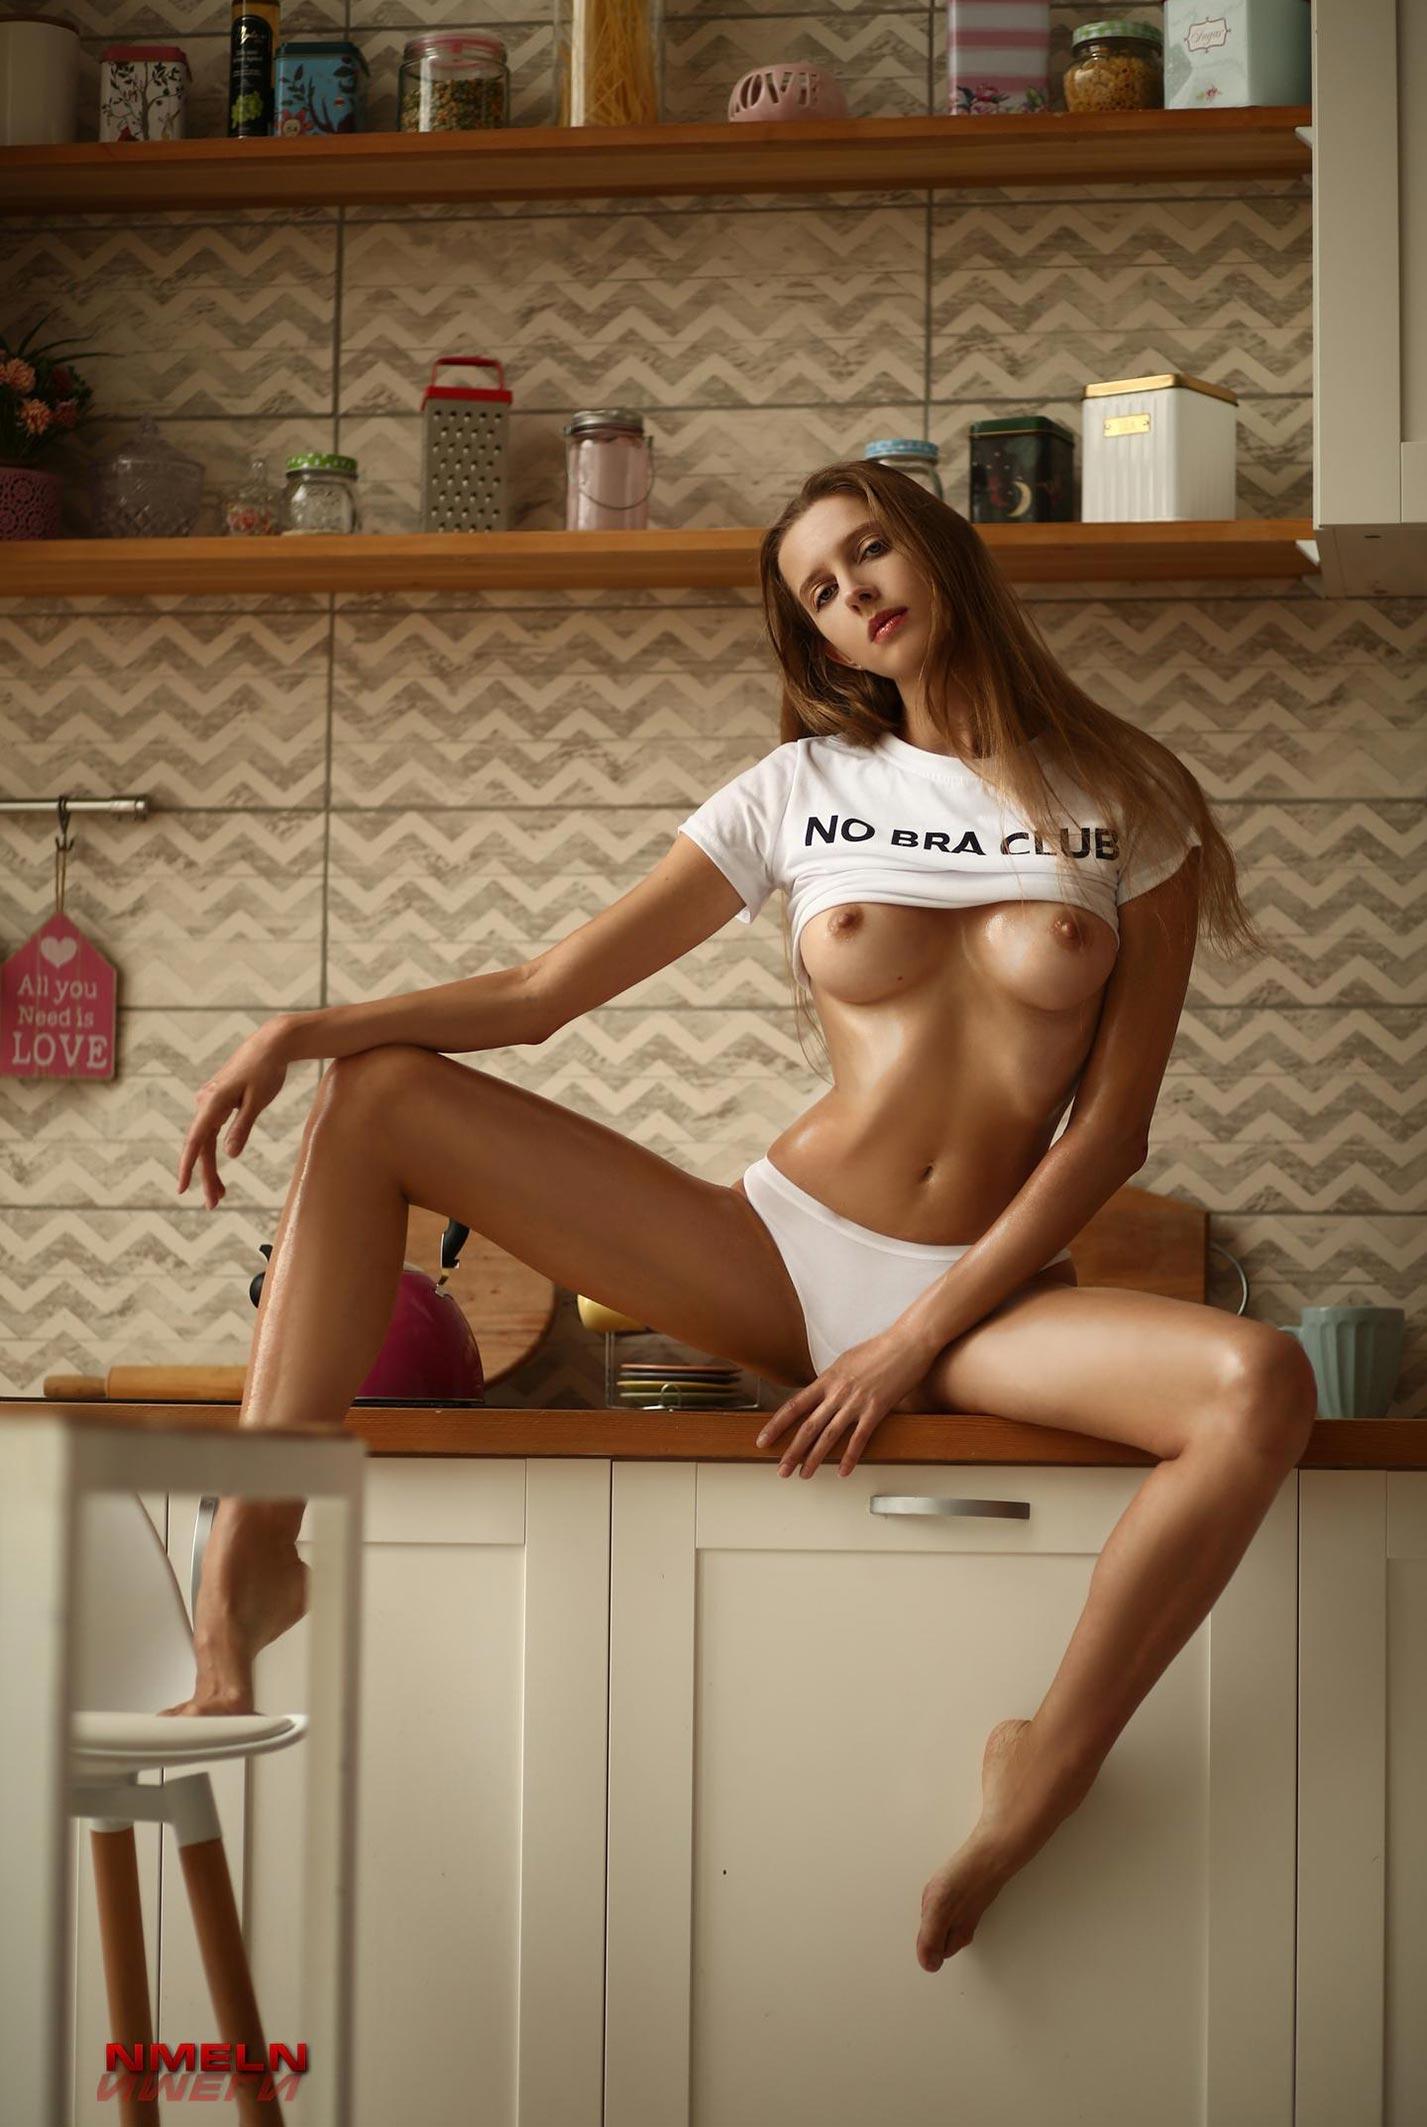 Katerina Reich - Alexander Meln photoshoot